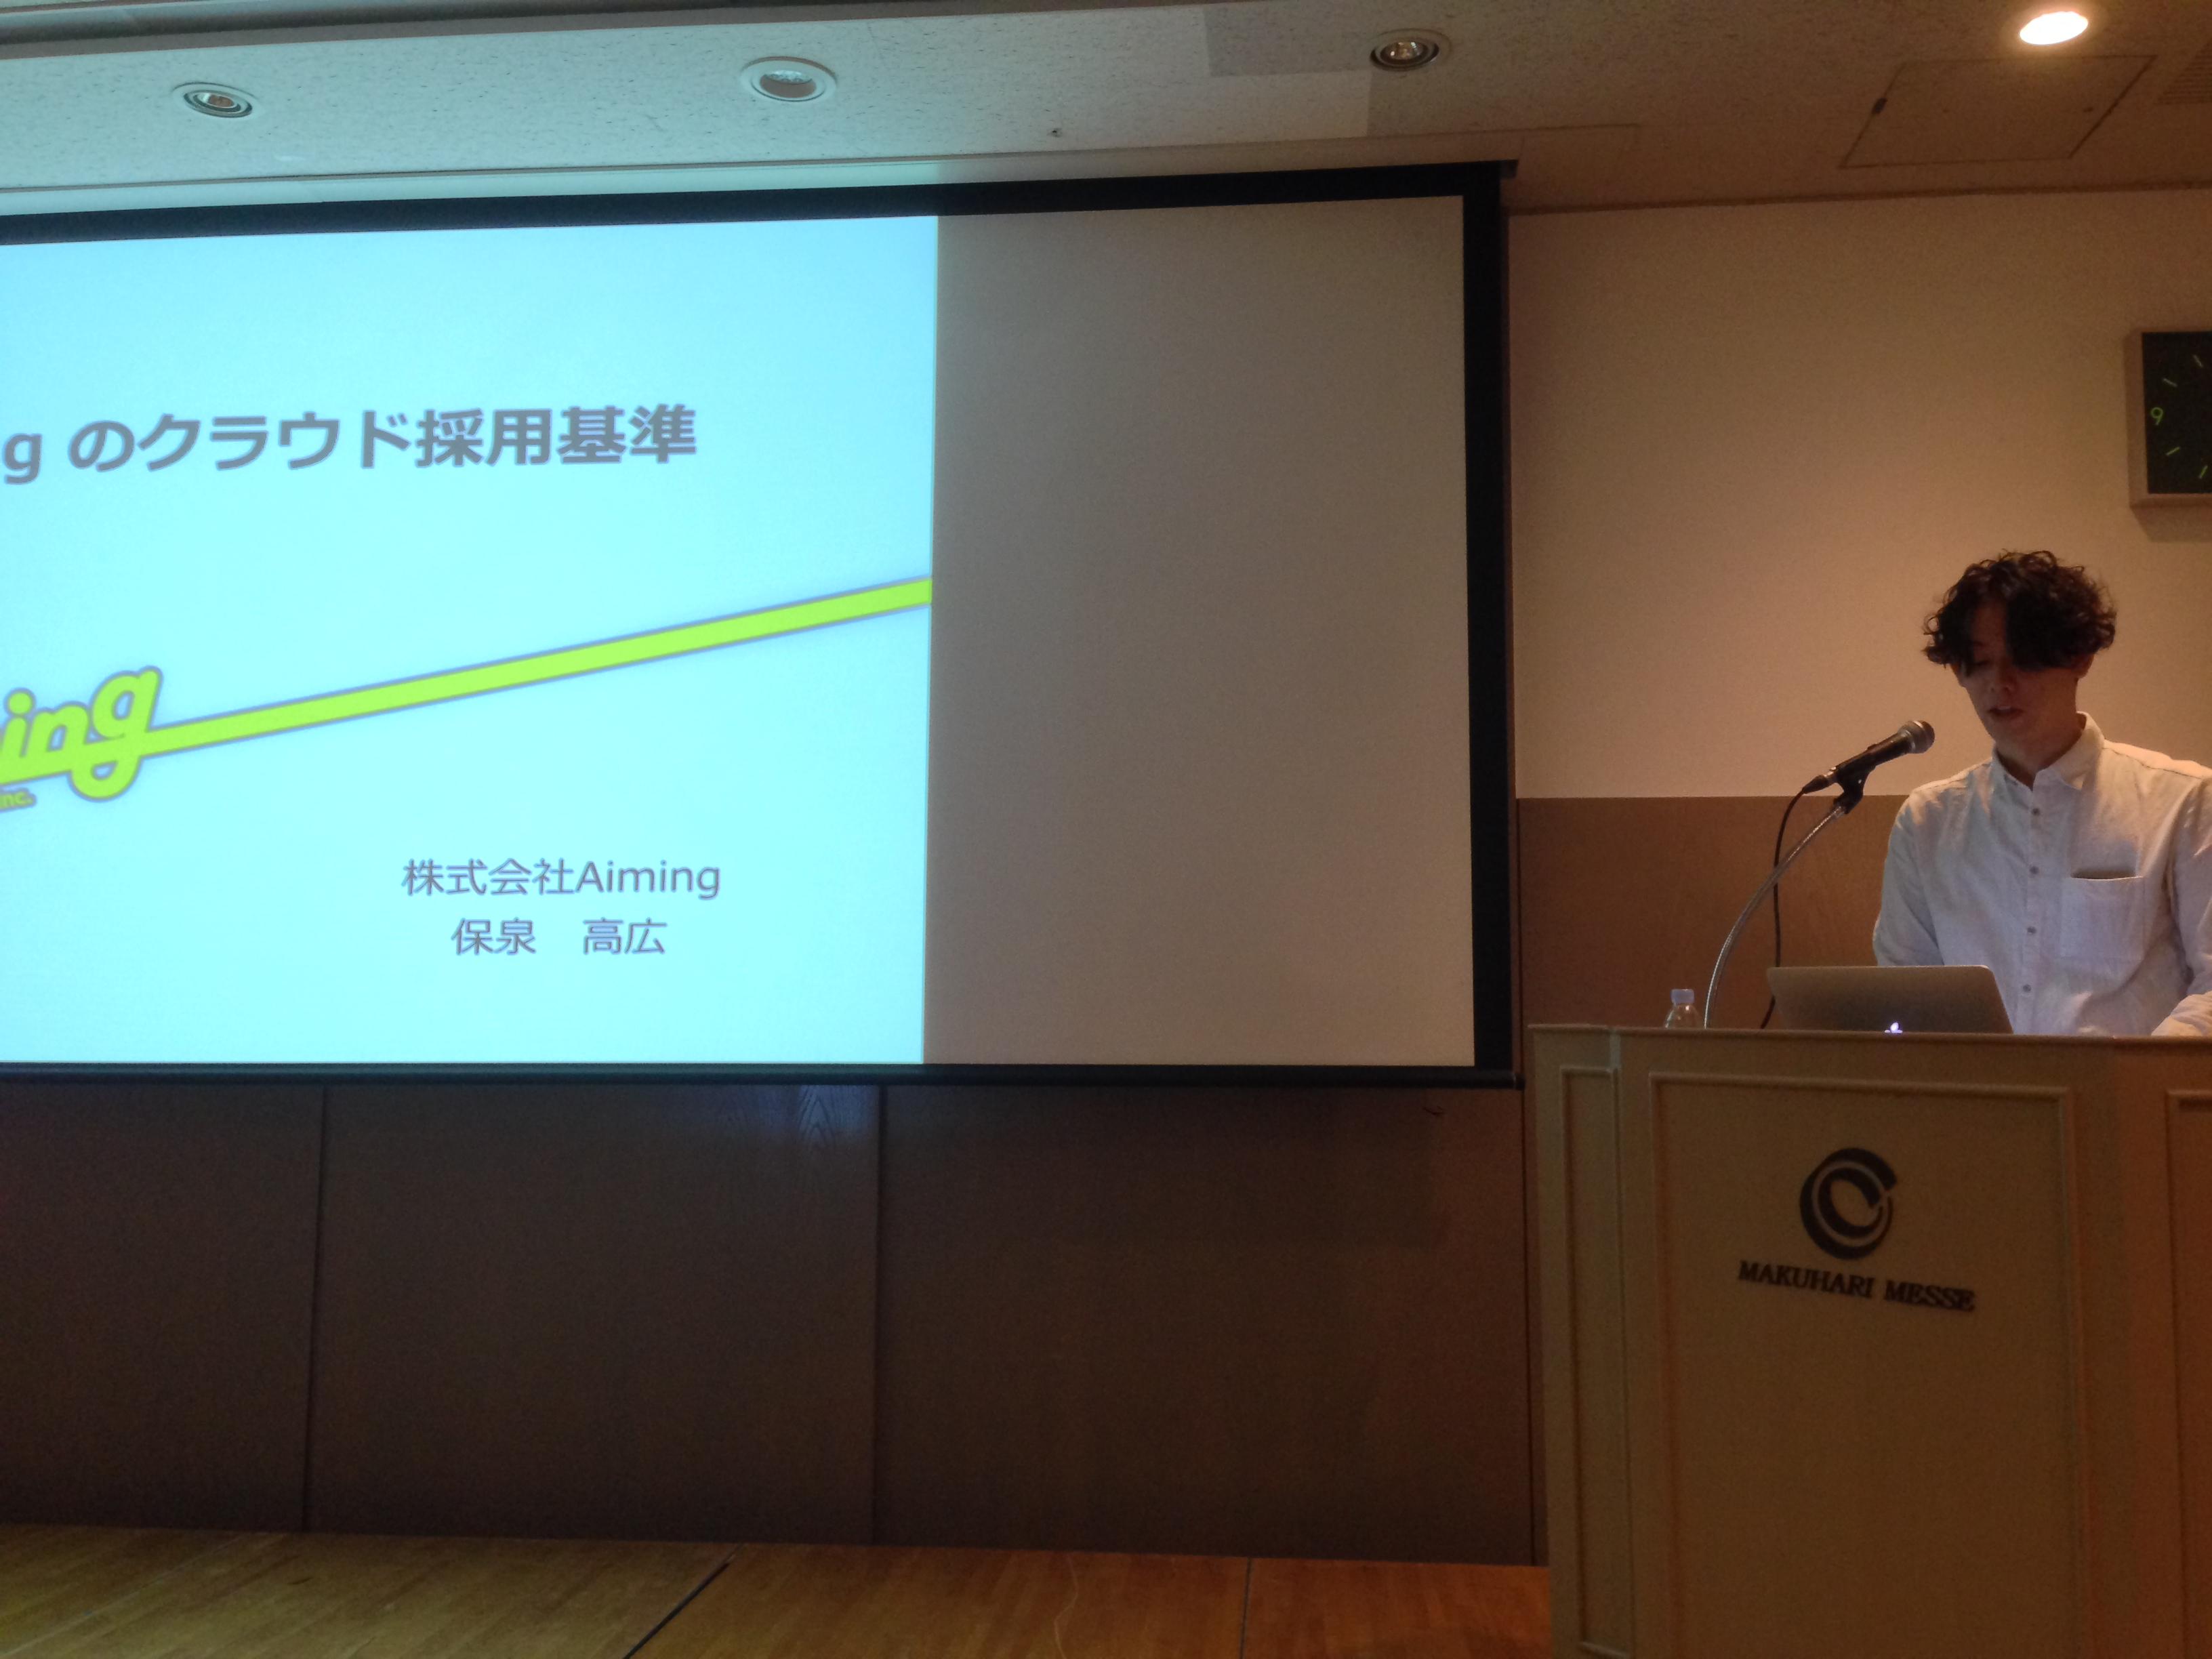 TGSフォーラム2014で「Aimingのクラウド採用基準」について講演させていただきました